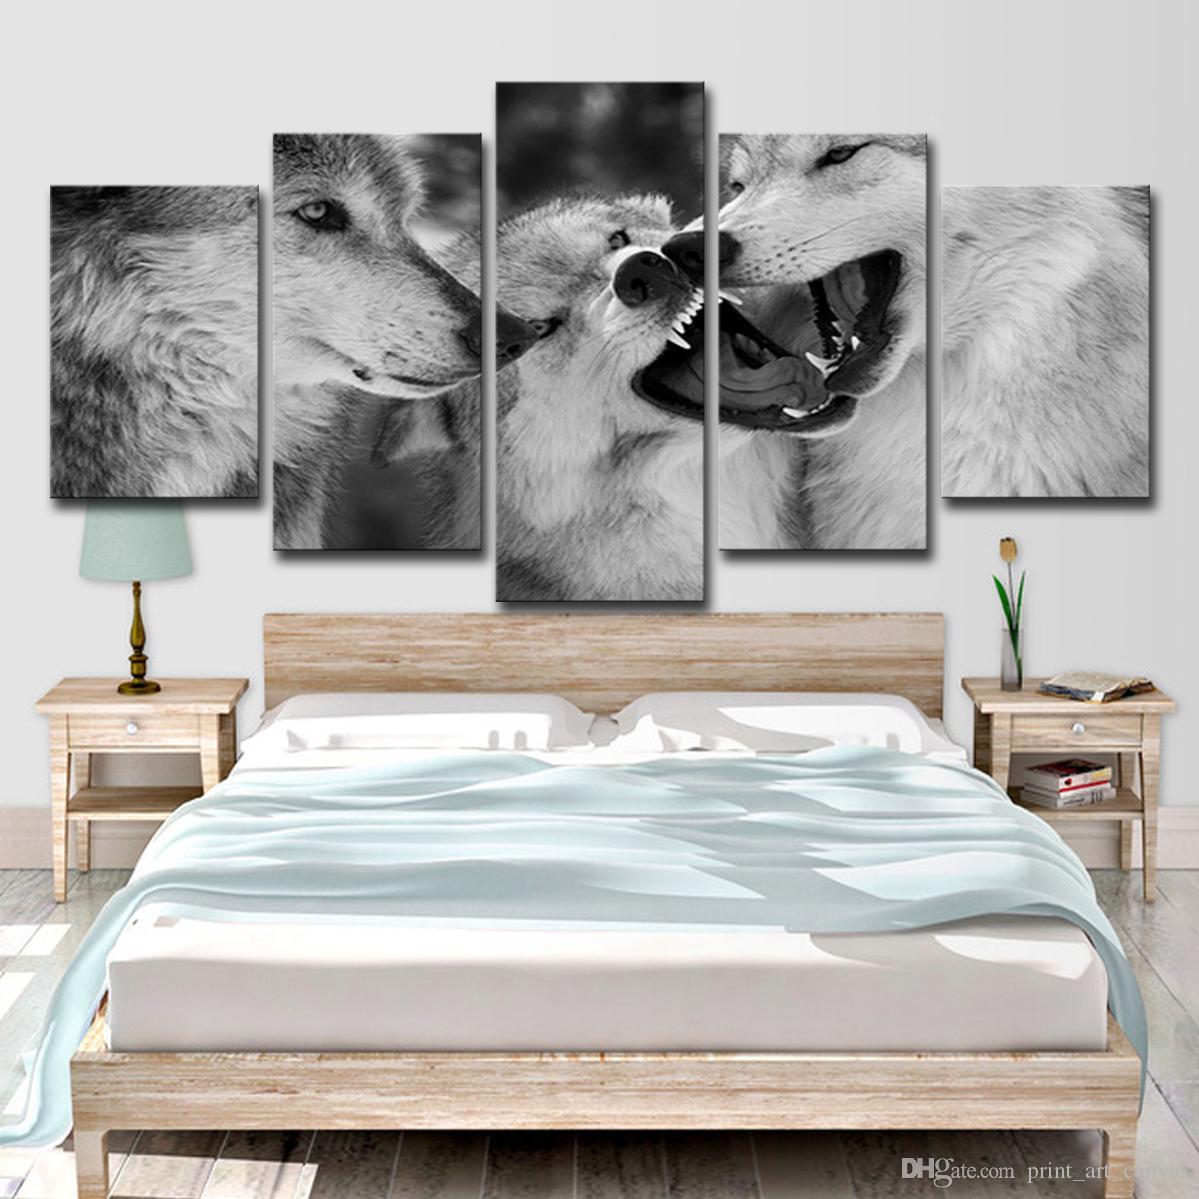 HD Impresso 5 Peça da lona de Arte Lobo Branco Pinturas Preto e Branco Retratos Da Parede Para Sala de estar Frete Grátis